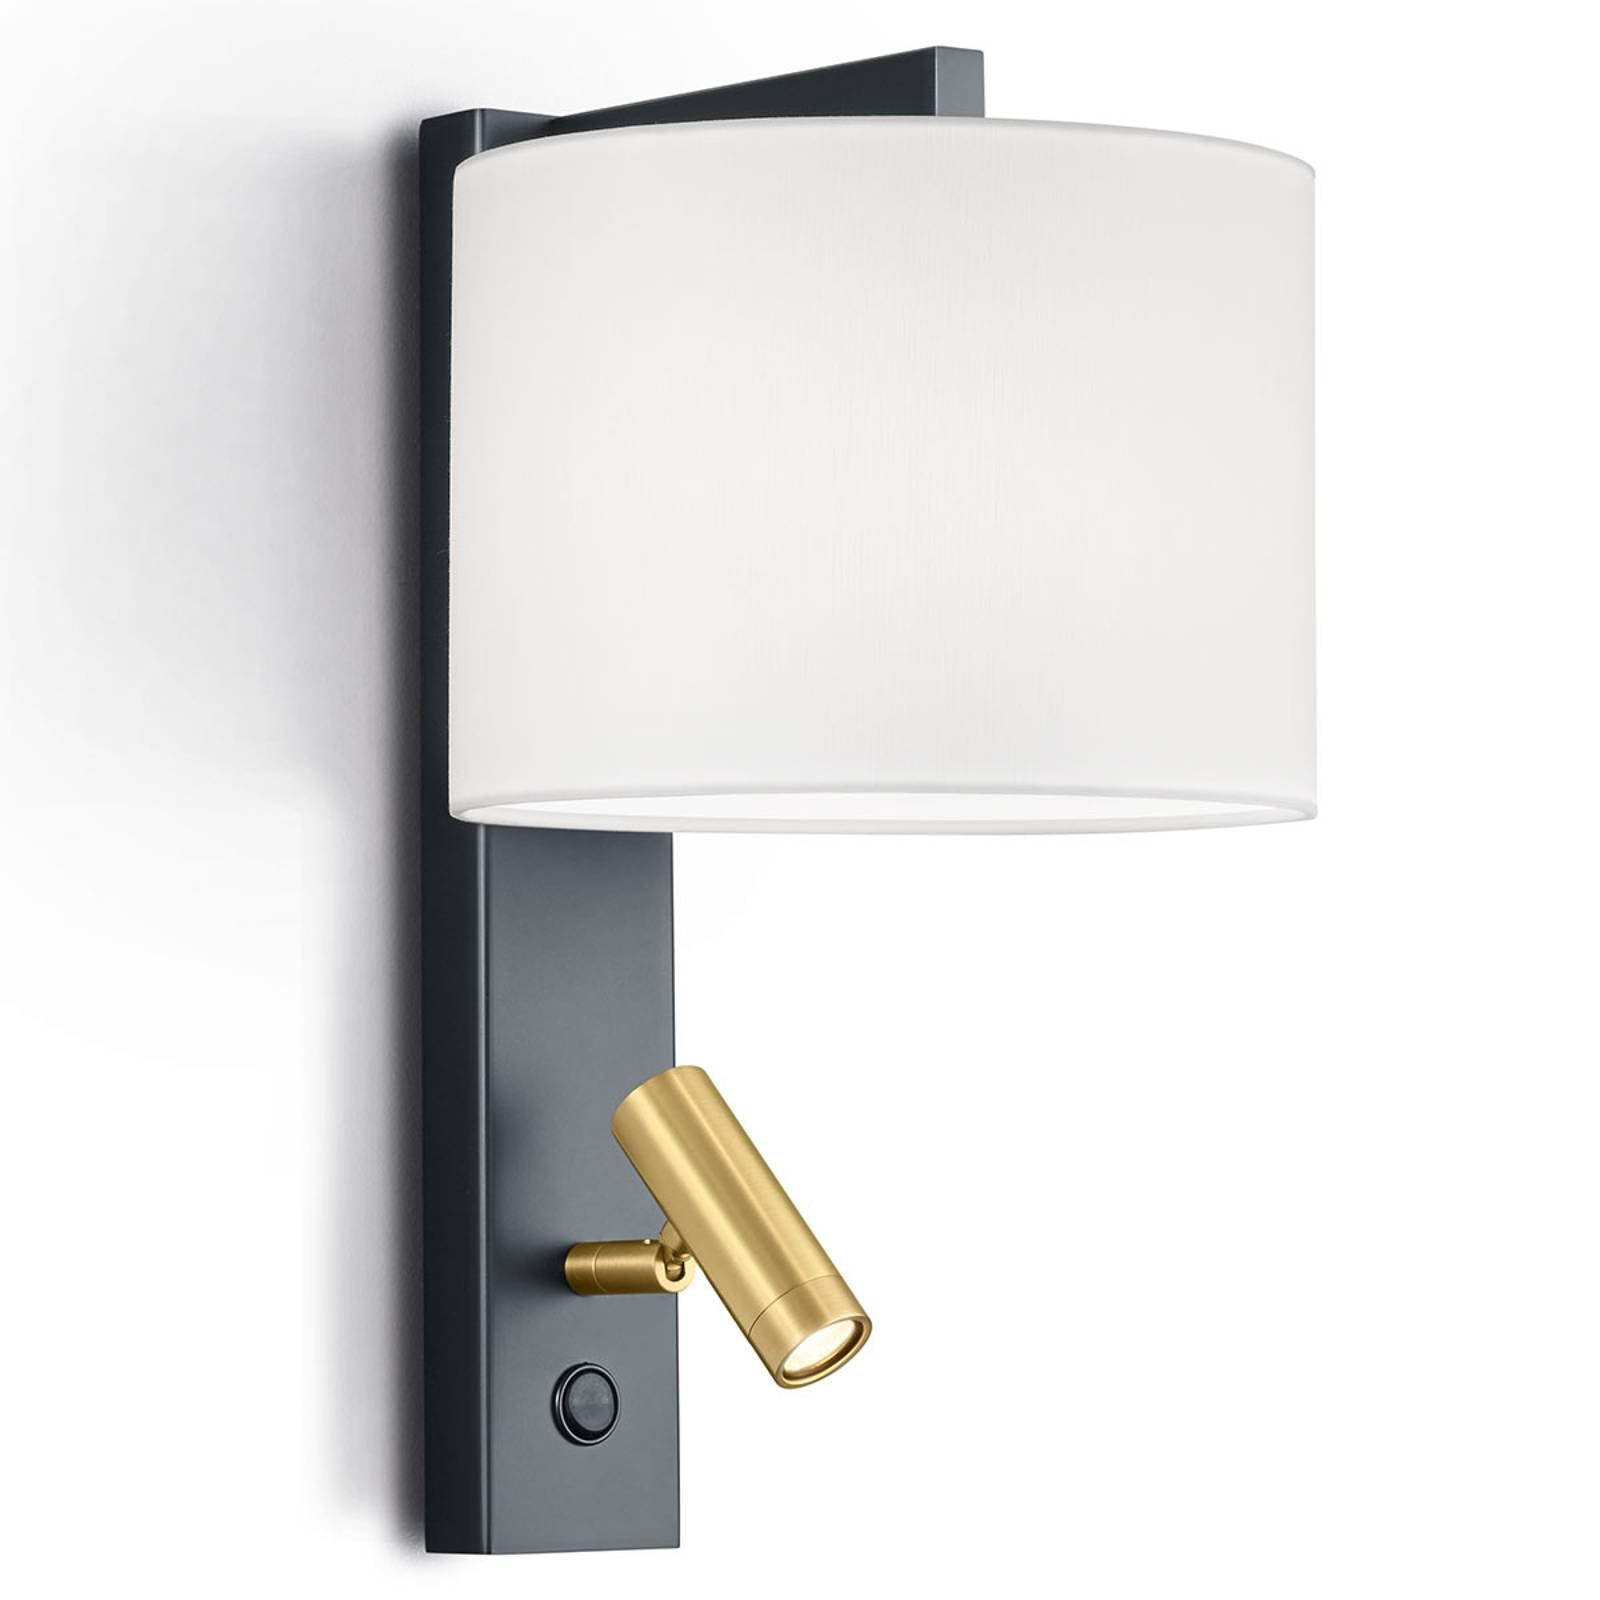 Vegglampe Mila med dreibar LED-leselampe